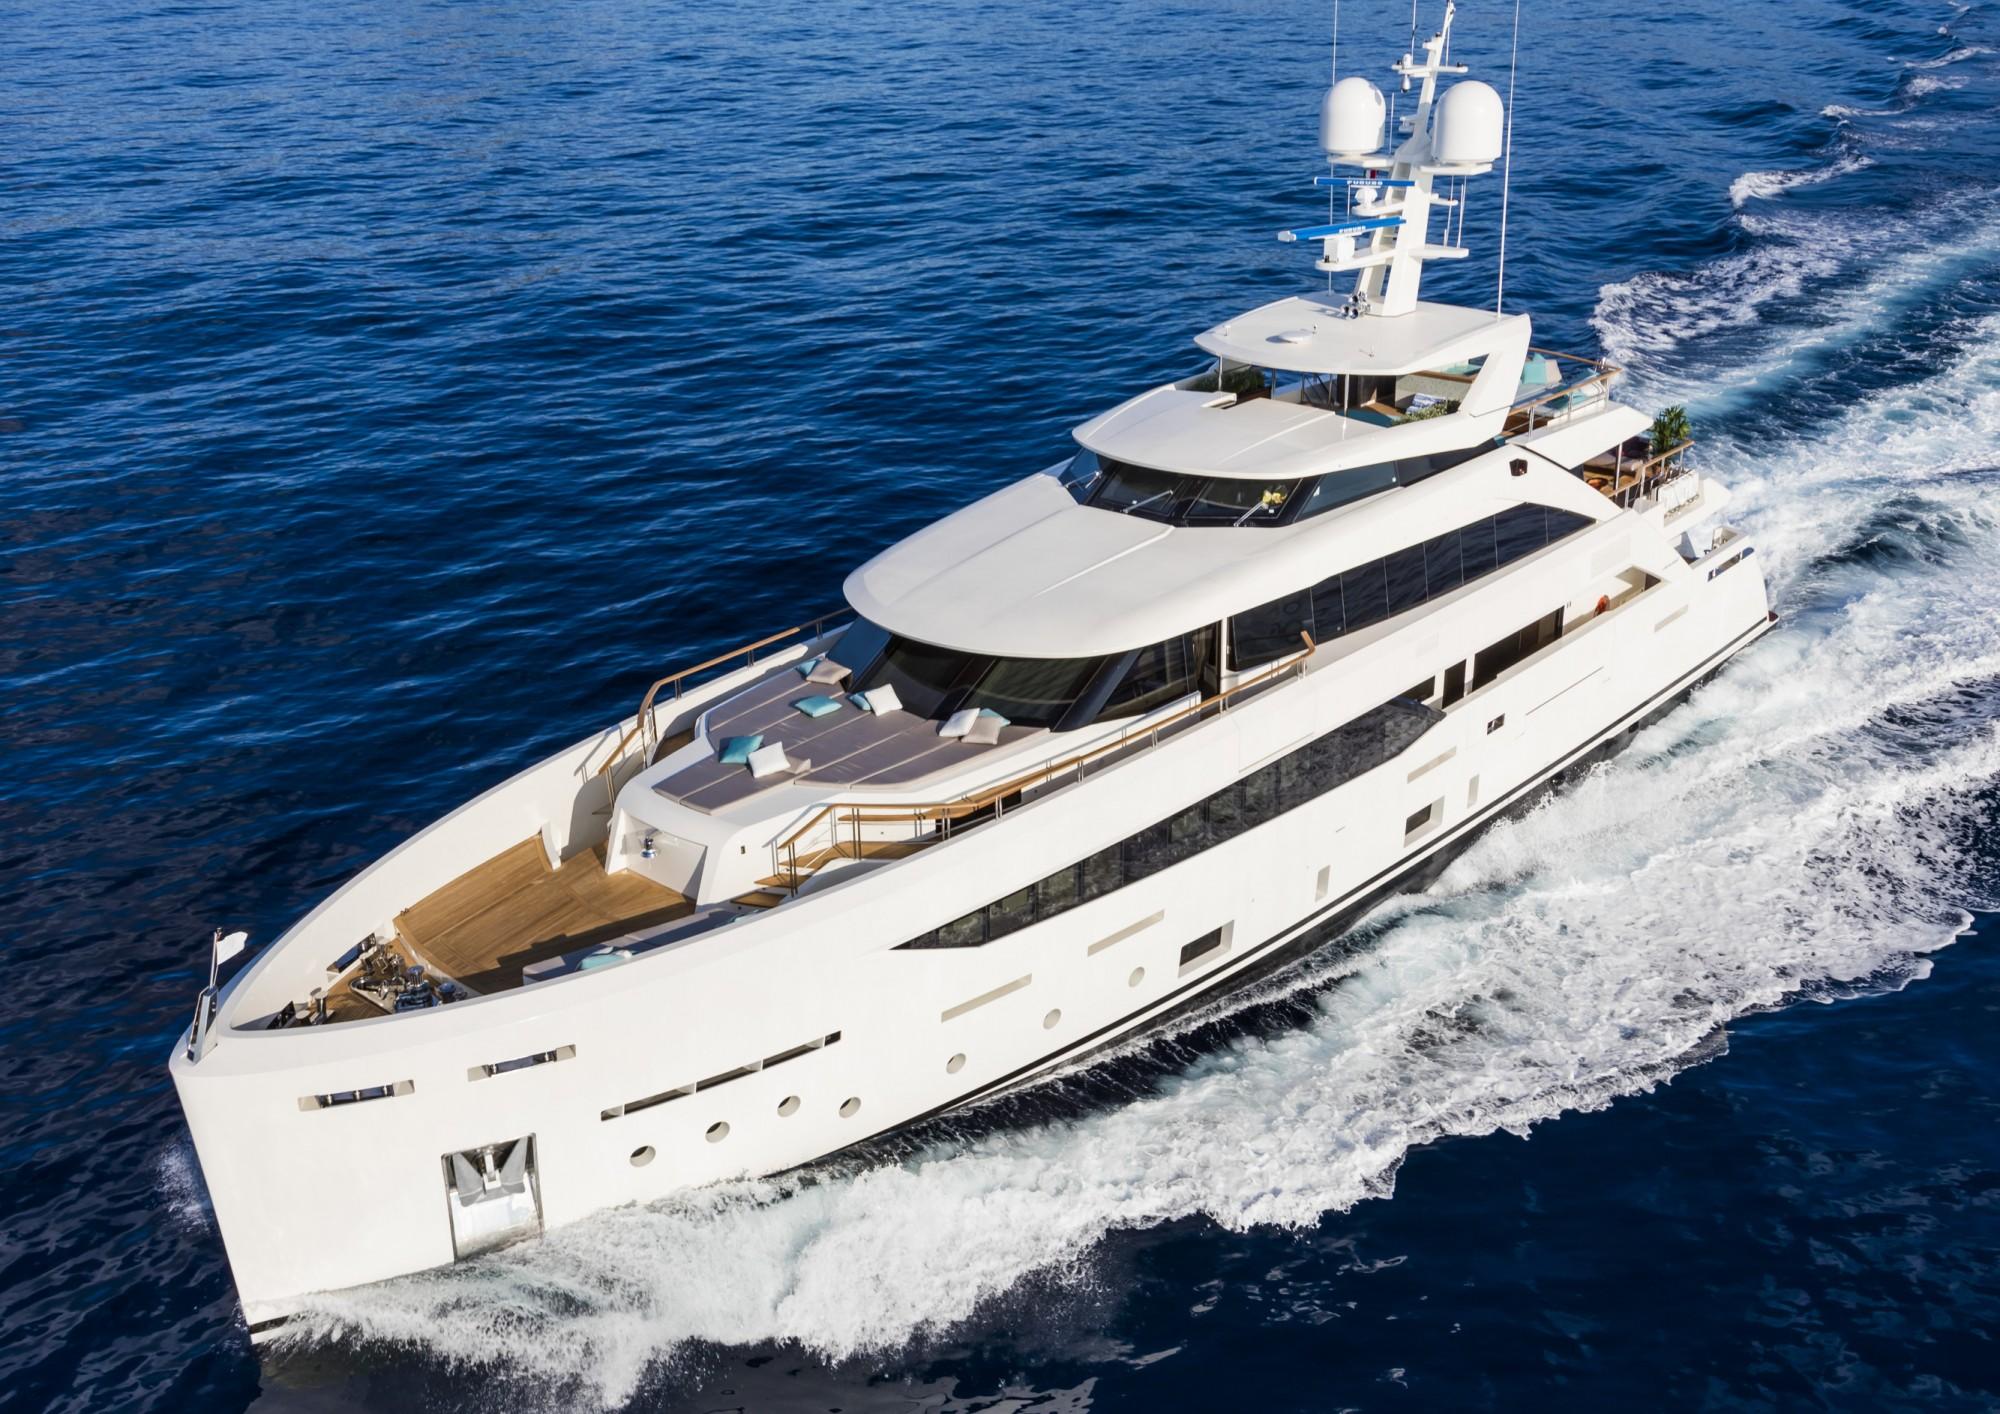 Alquiler de barcos y yates de lujo Mondomarine.